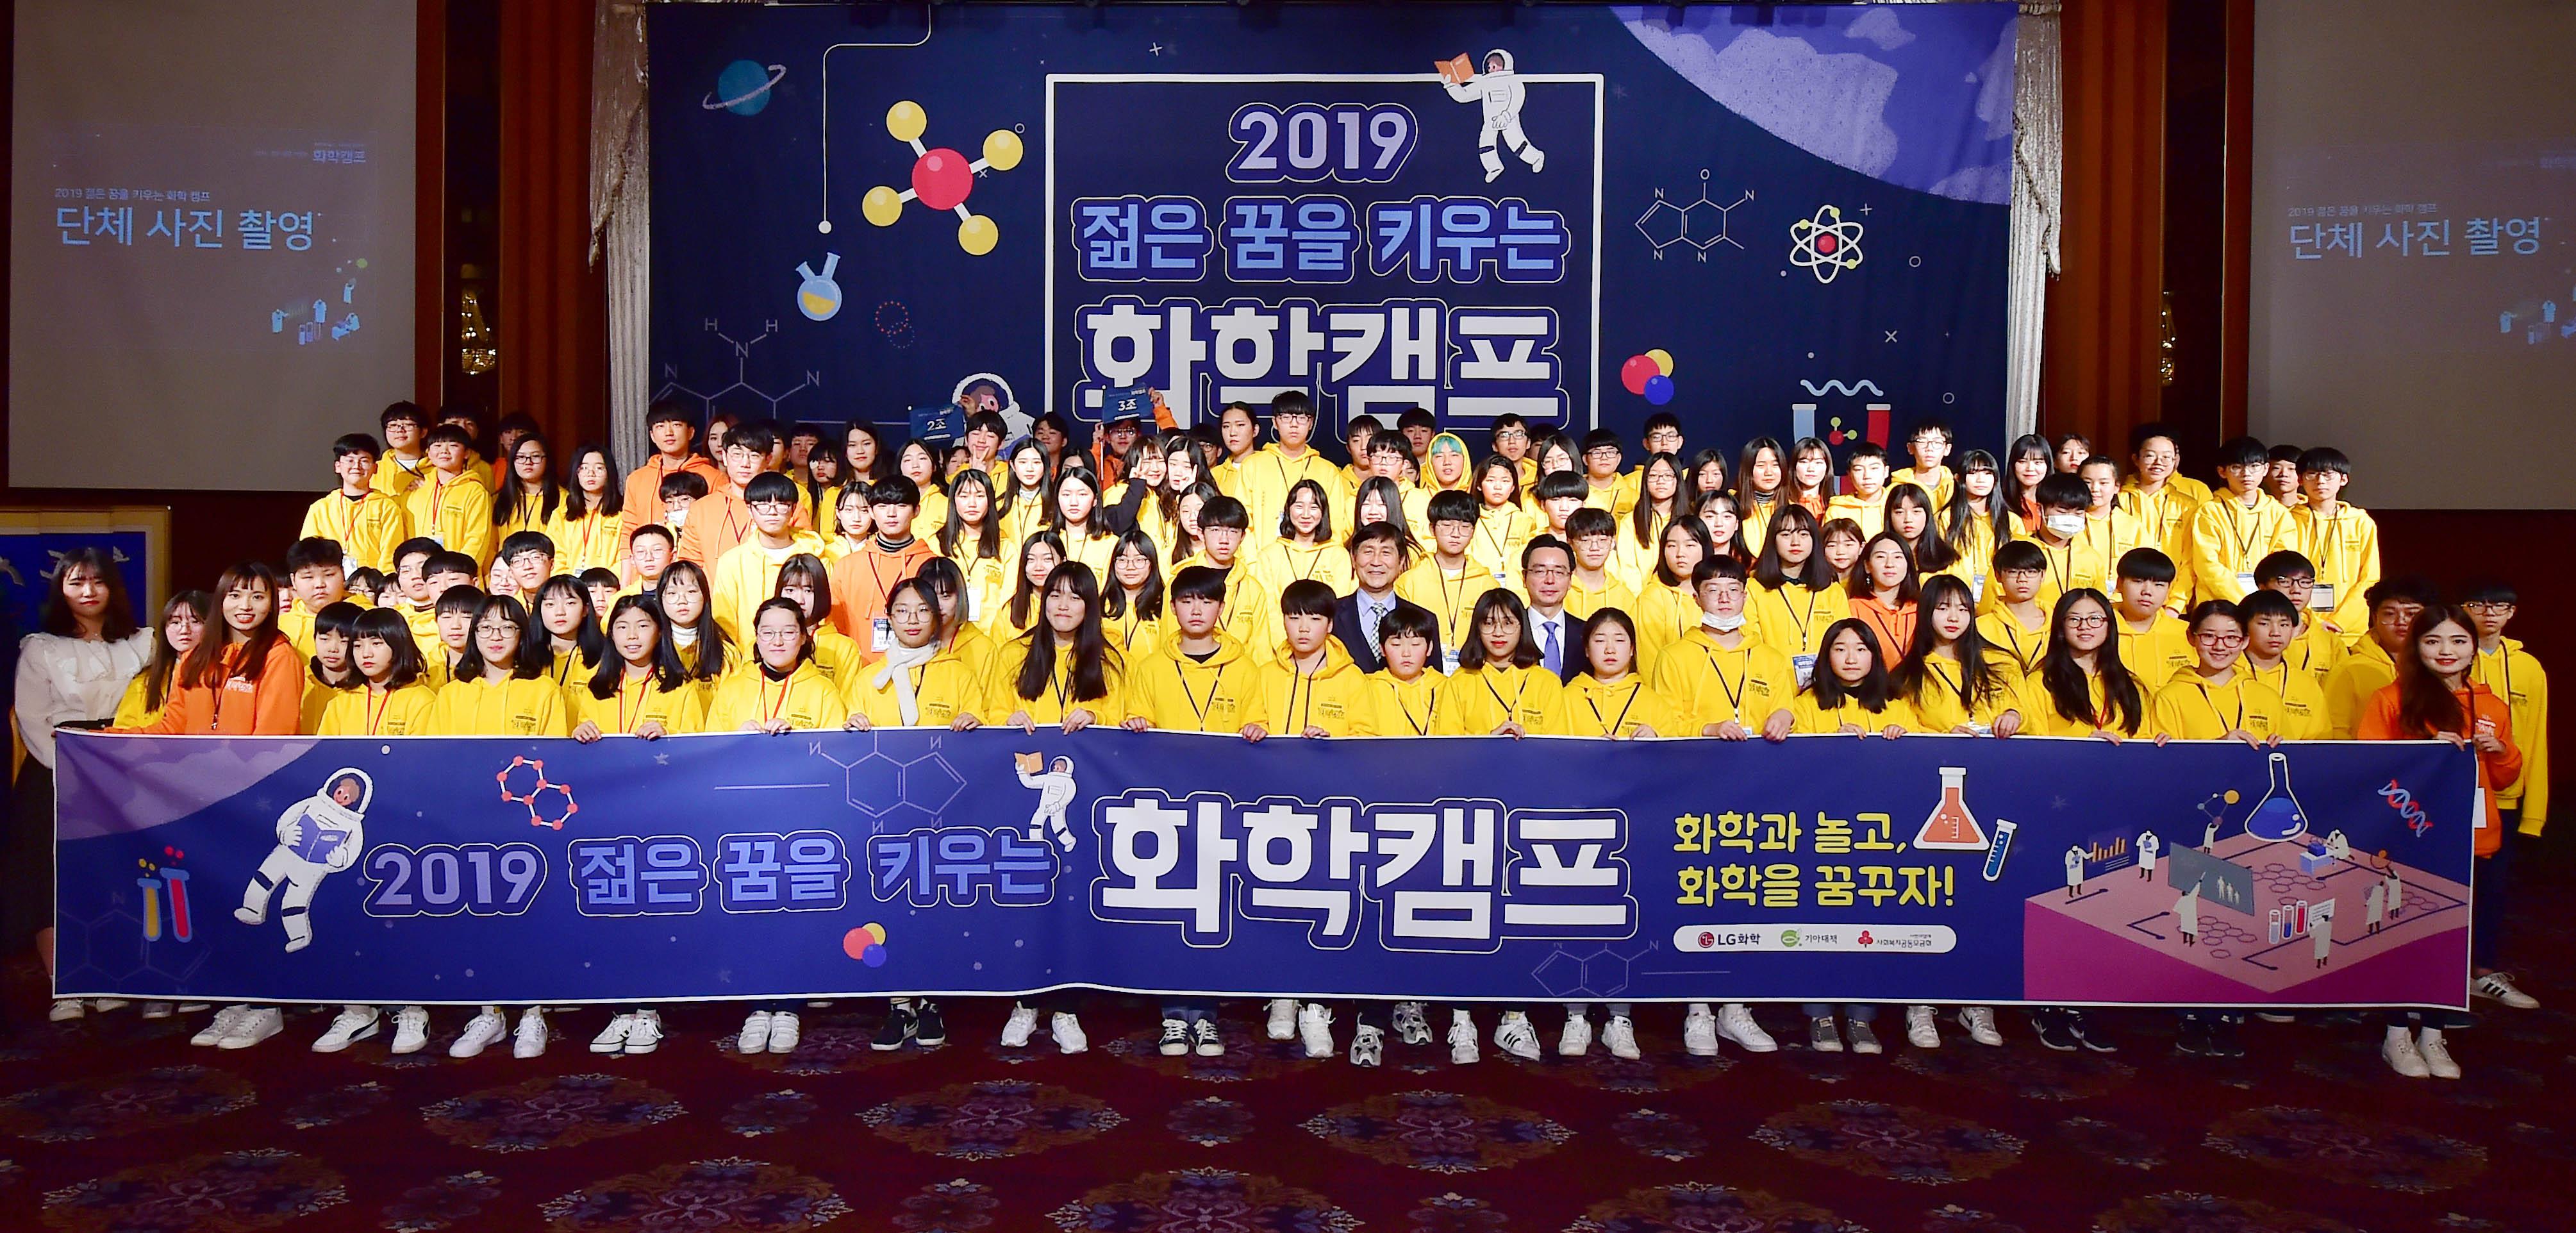 2019 LG화학 화학캠프 단체사진